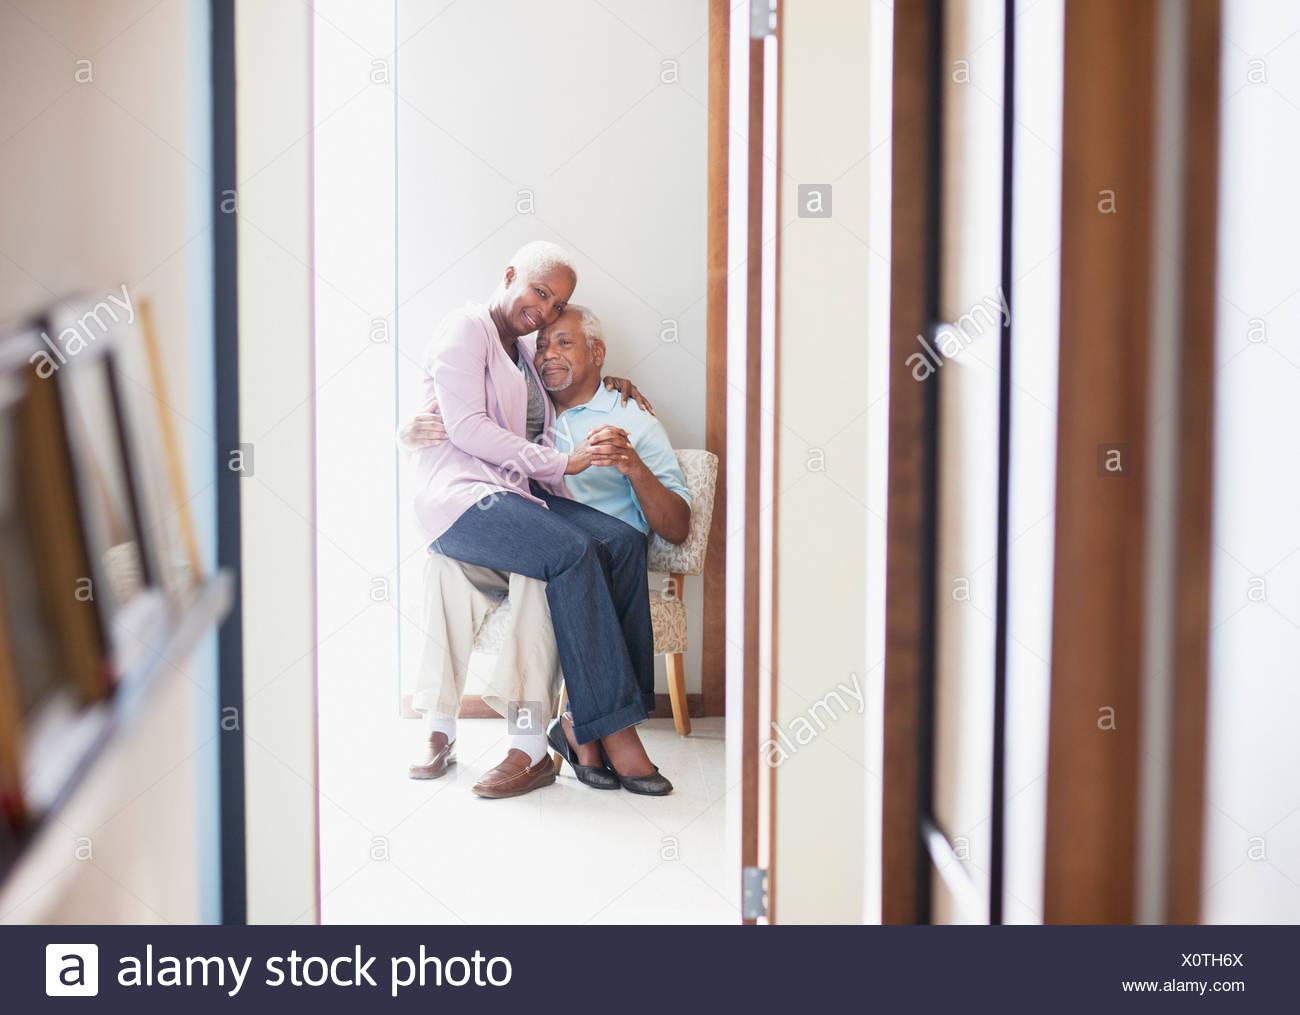 Años 55-59,60-64 años,afecto,envejecimiento,pegado,ropa casual,color image,conexión,día,devoción,vida doméstica,se centran en Imagen De Stock